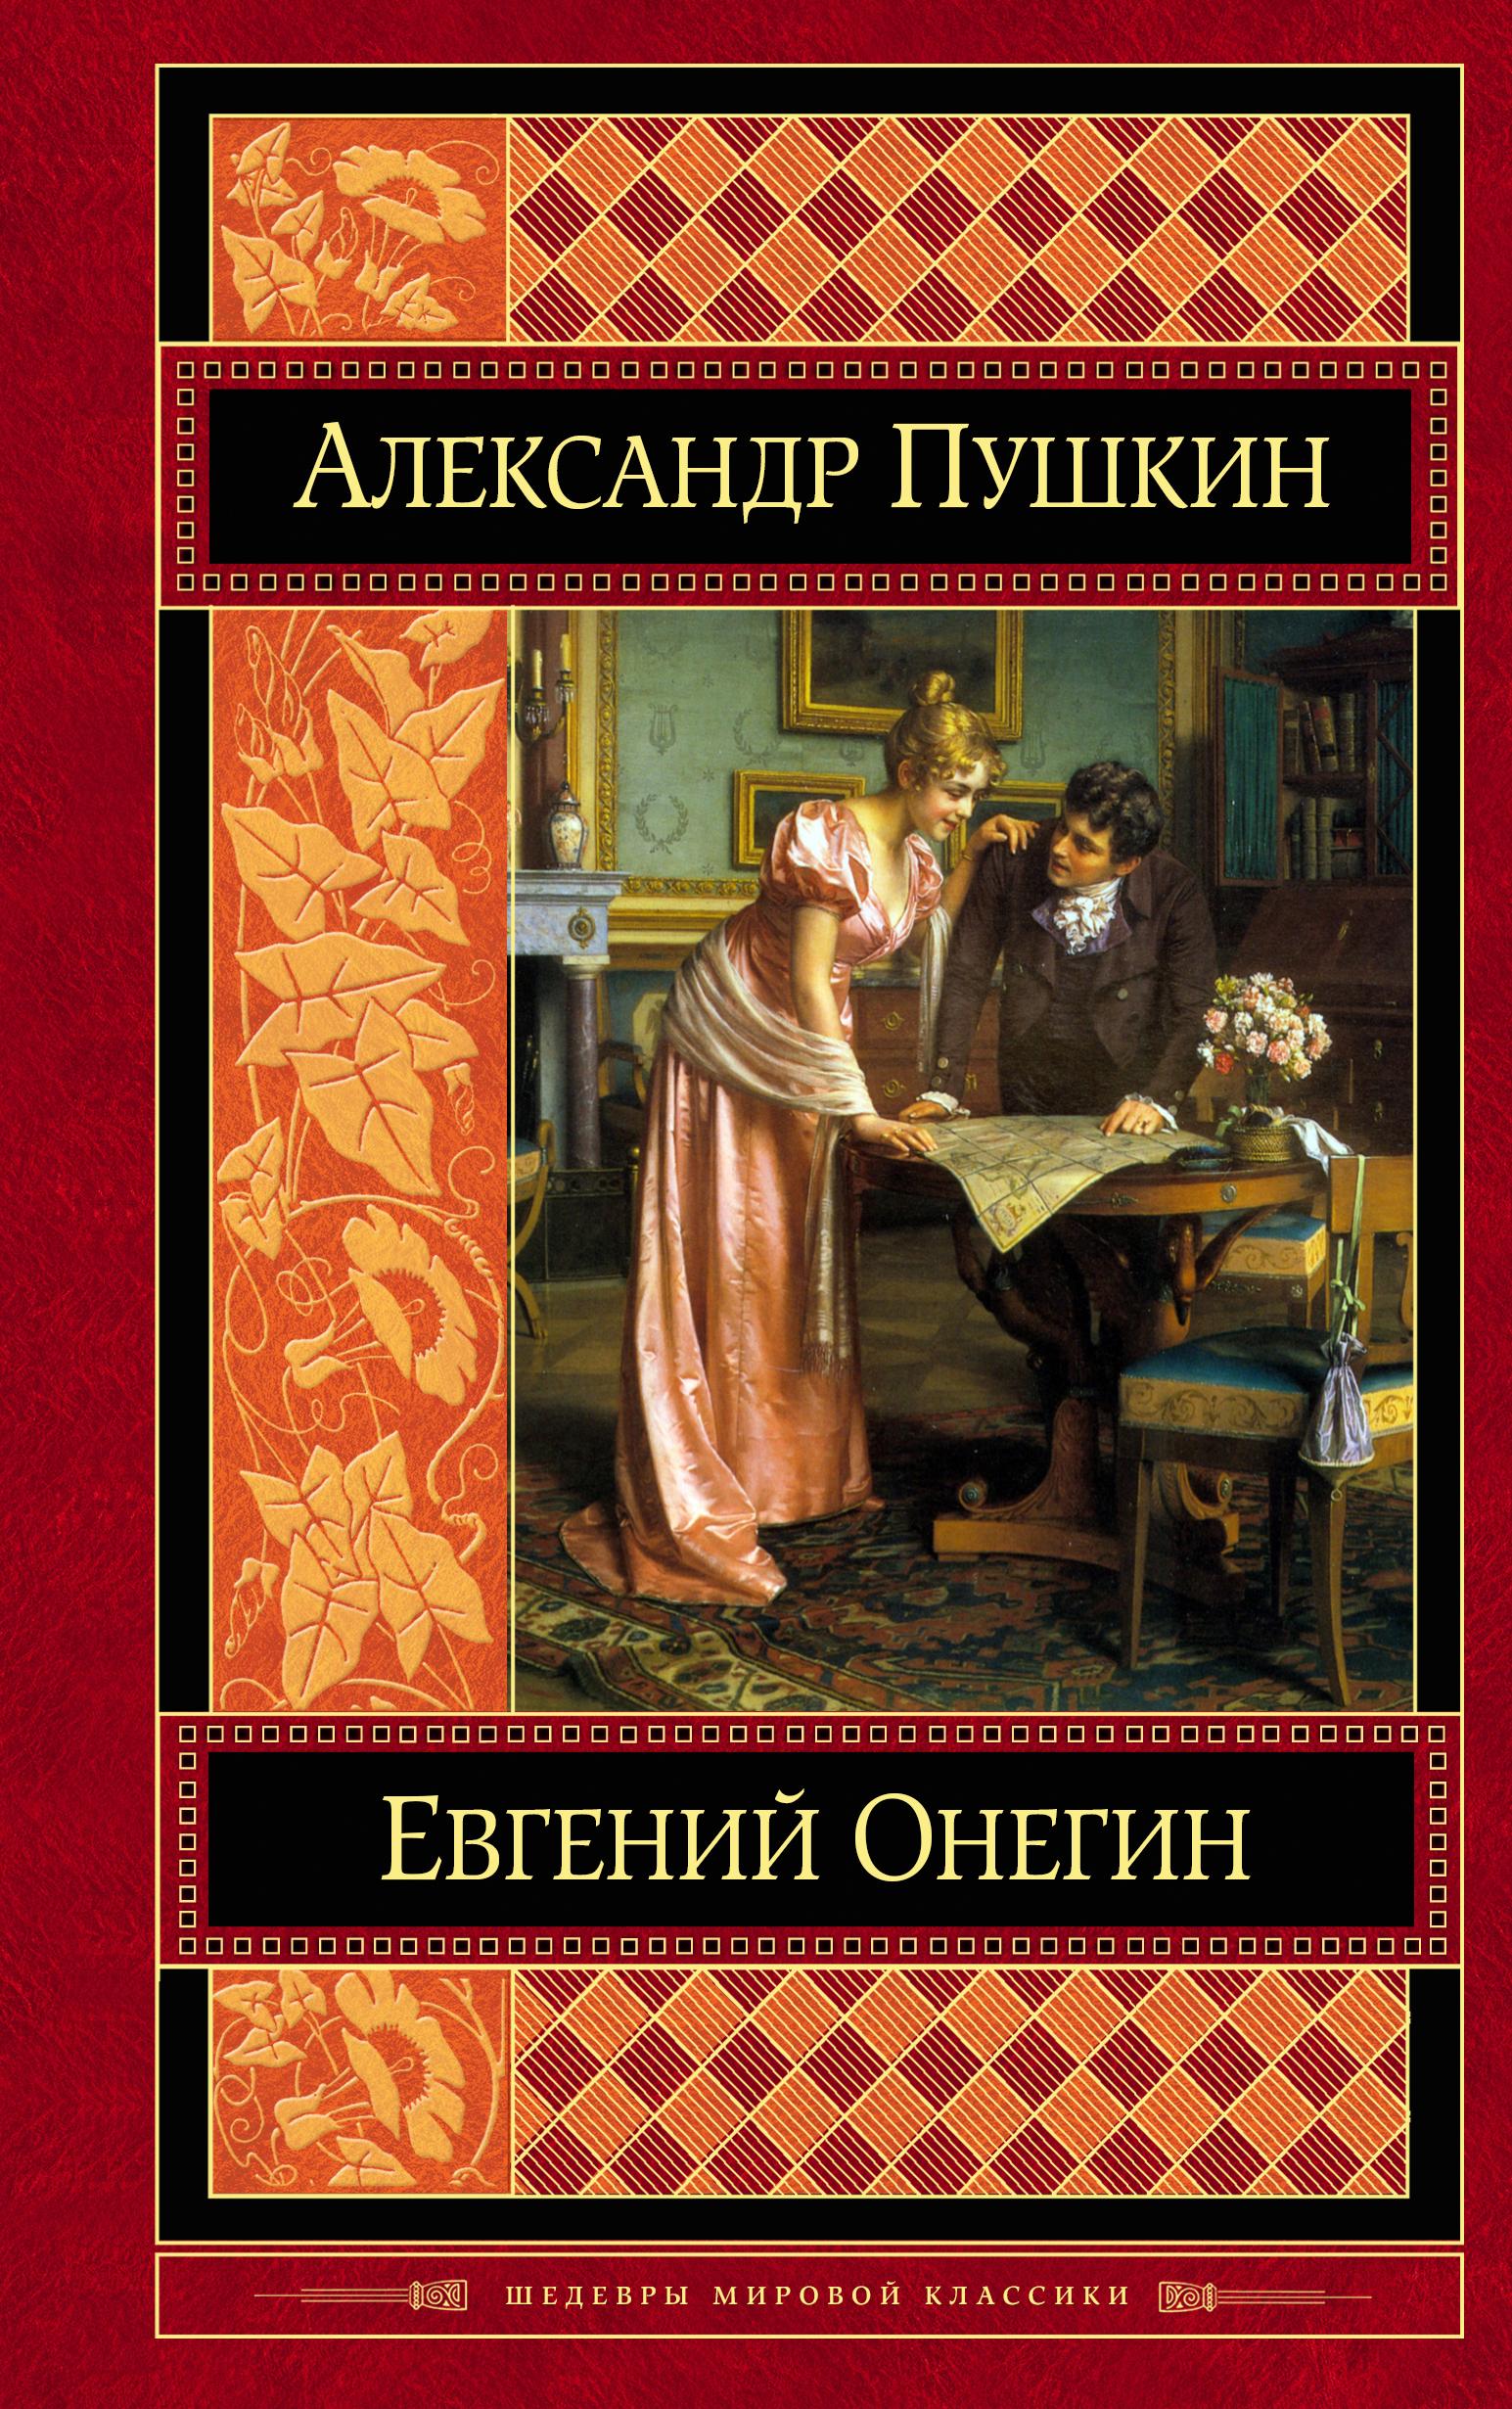 Пушкин Александр Сергеевич Евгений Онегин